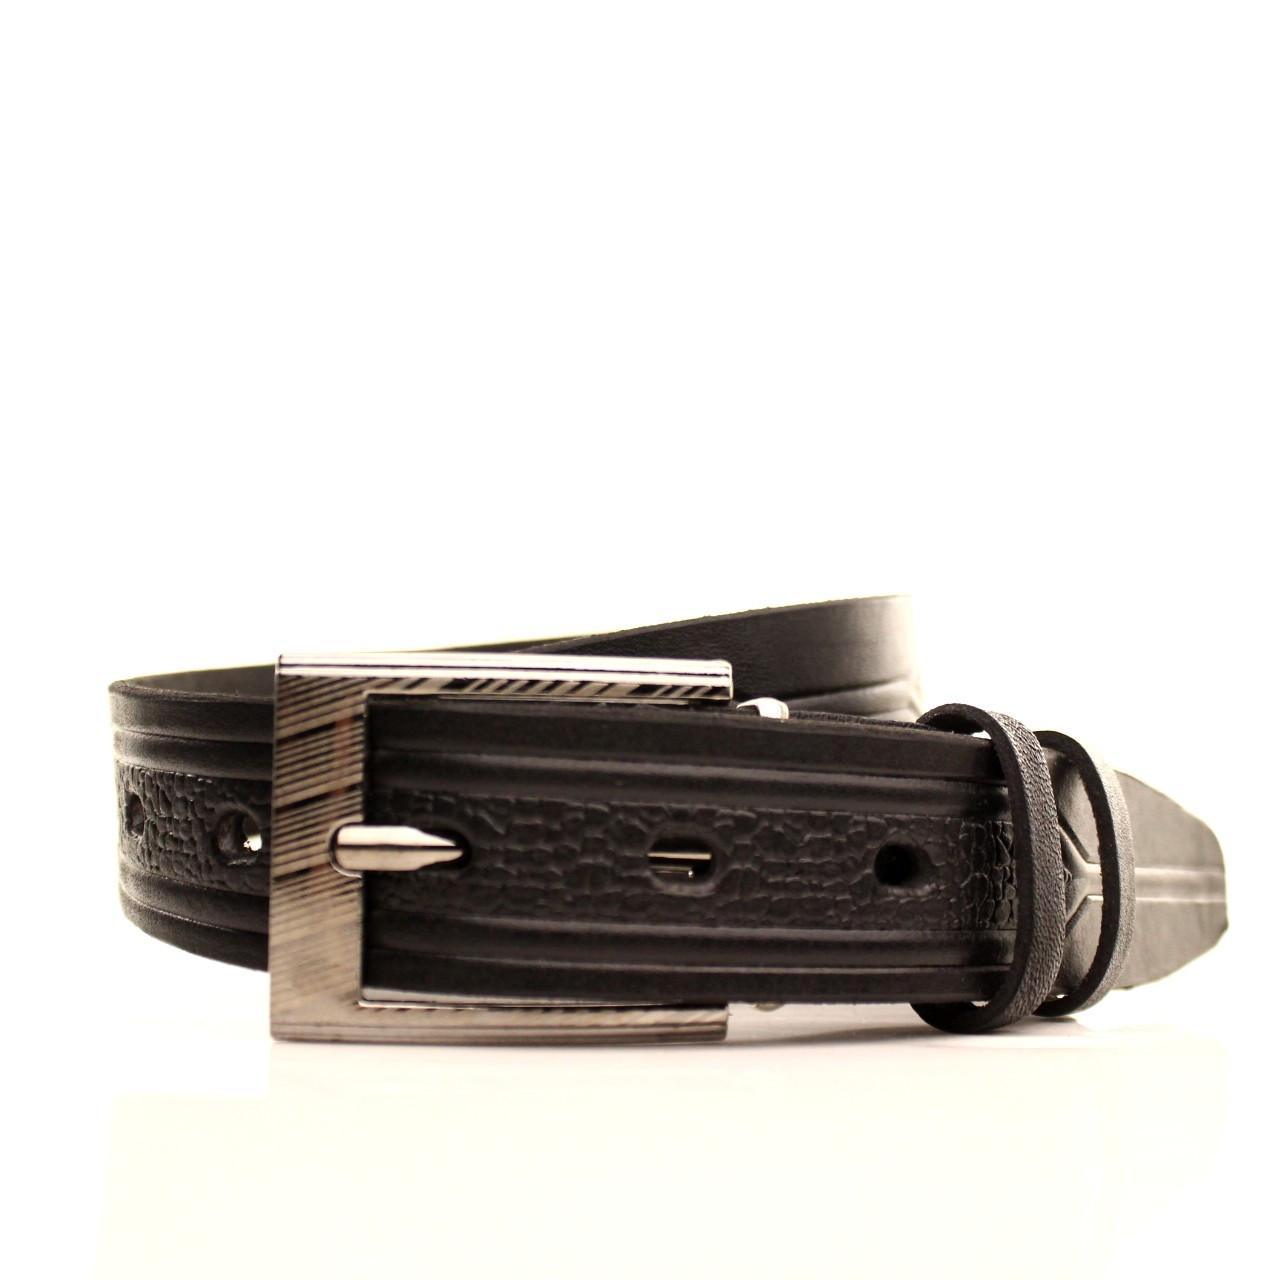 Ремень кожаный Lazar 60-70 см черный l30u3w17